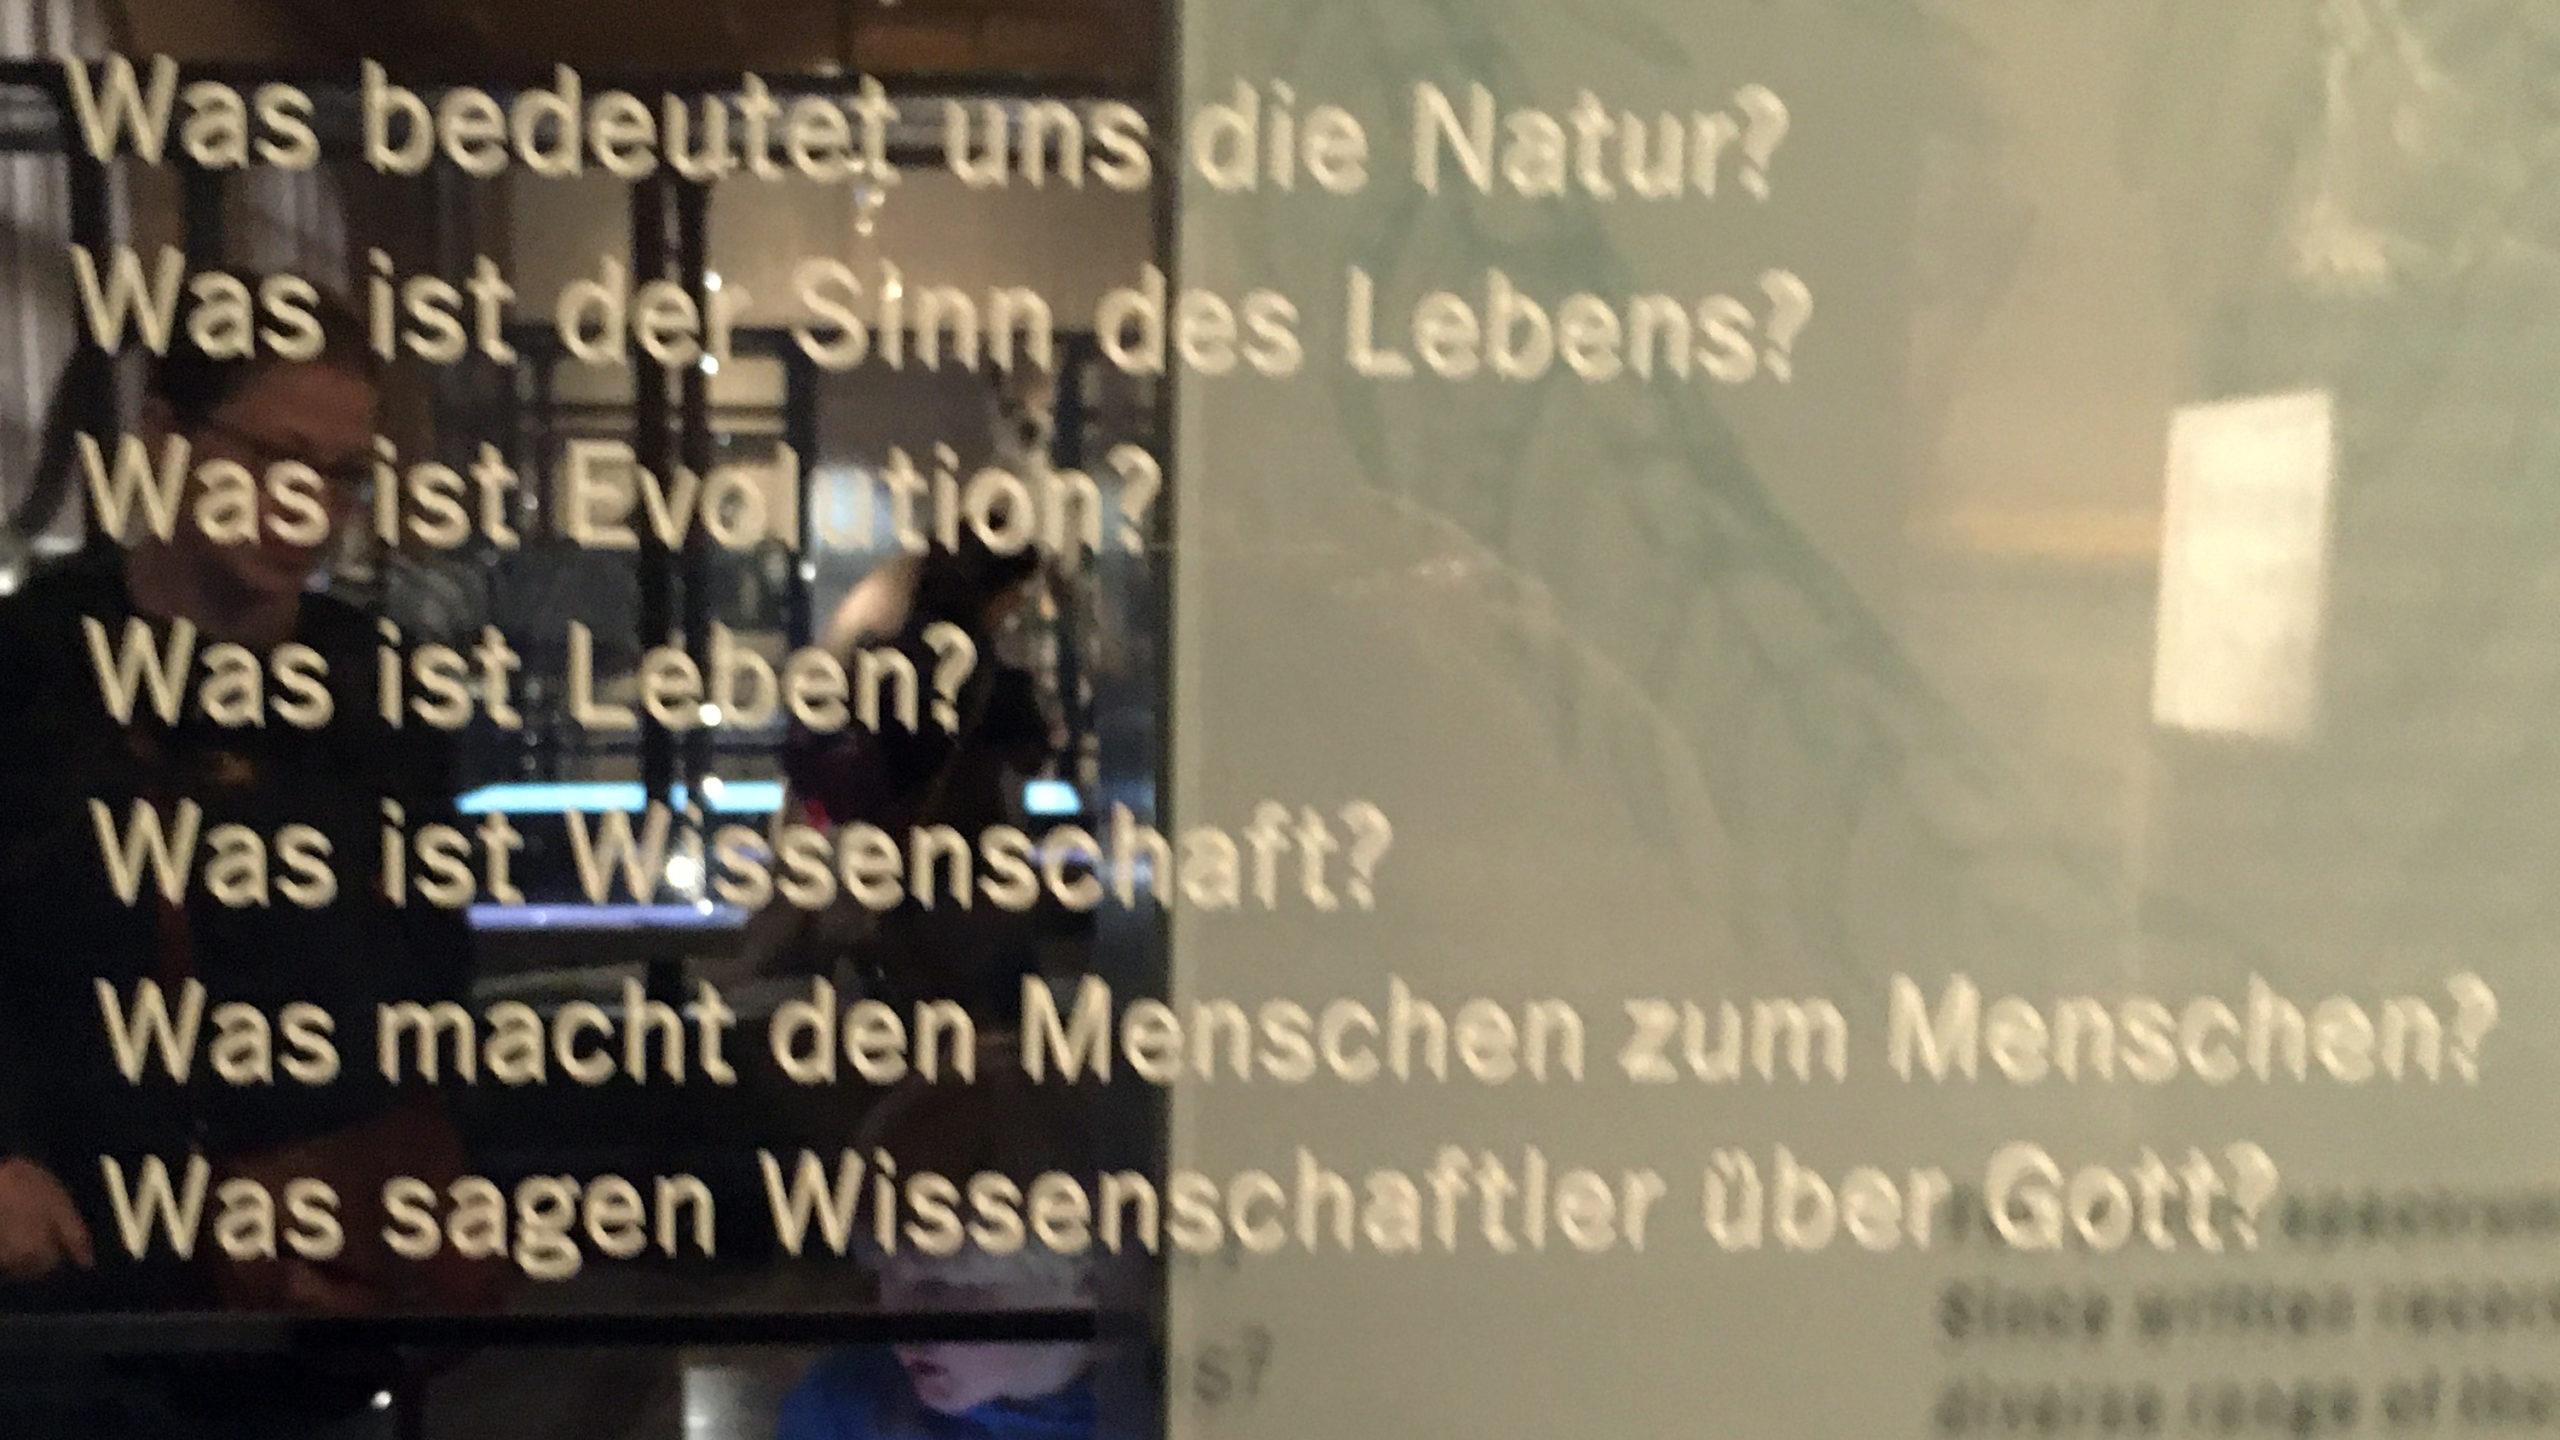 Die großen Fragen der Menschheit im Museum für Naturkunde, Berlin ©K. Schwahlen 2019